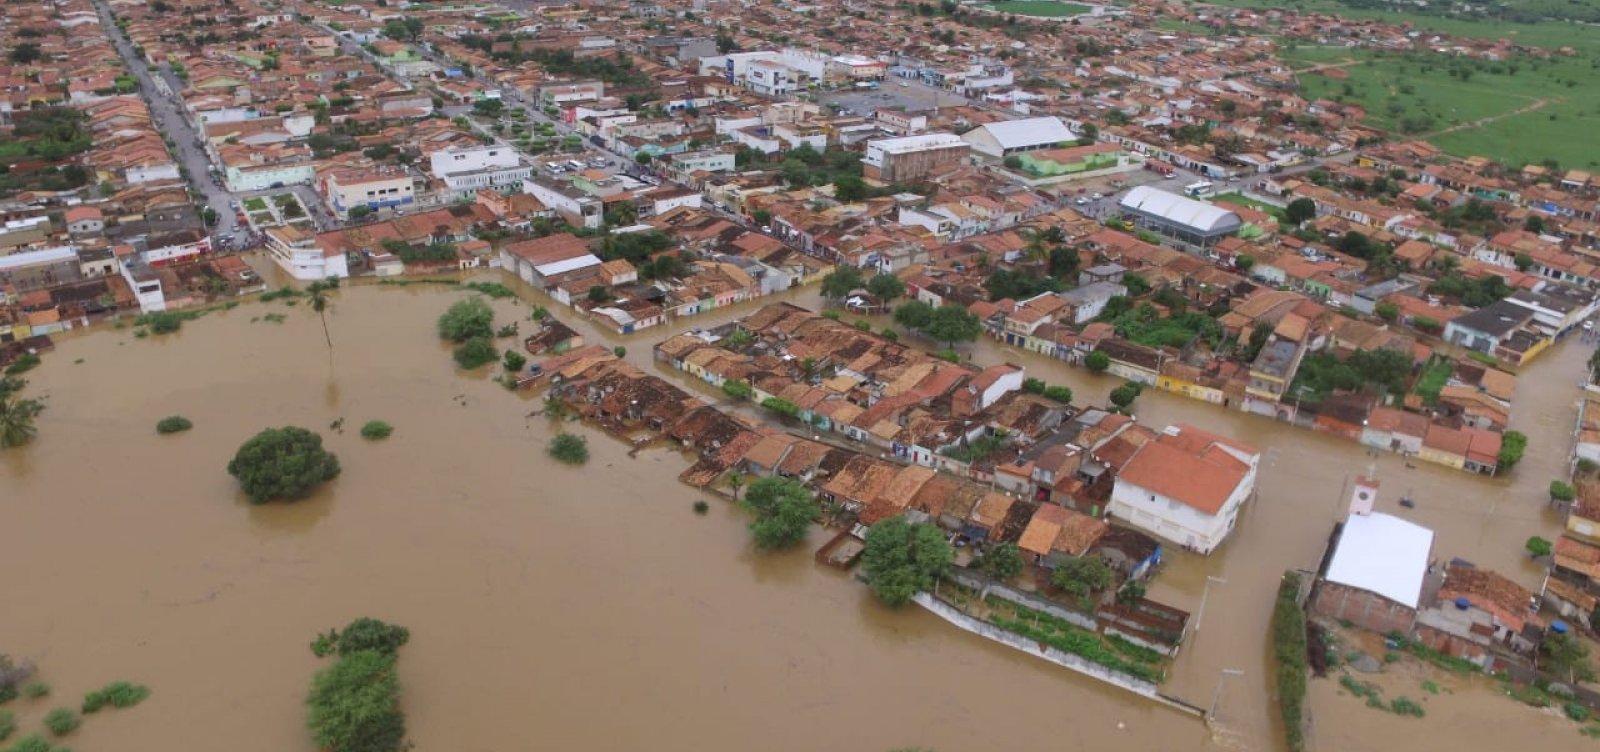 [ 'Não houve rompimento de barragens em Pedro Alexandre', diz secretário de comunicação do Governo]